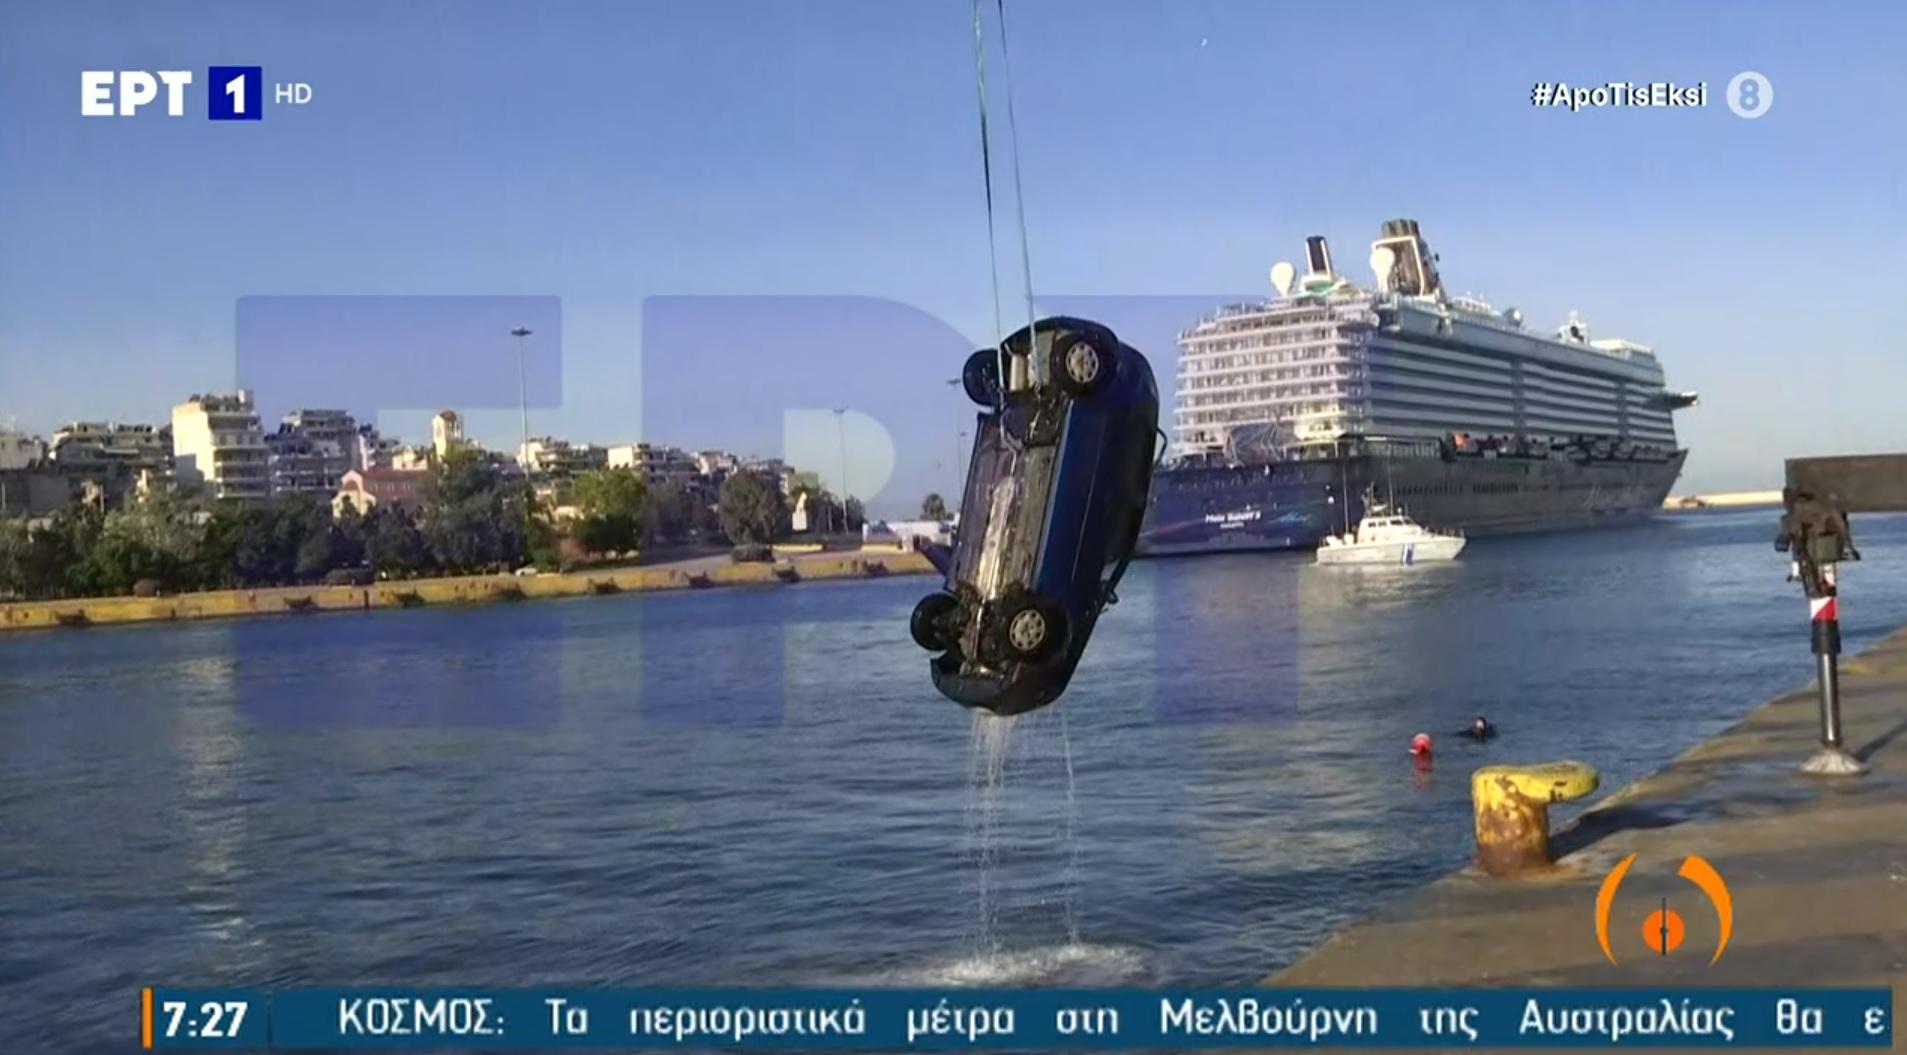 Αυτοκίνητο έπεσε στo λιμάνι του Πειραιά -Νεκρός ο οδηγός του ΙΧ